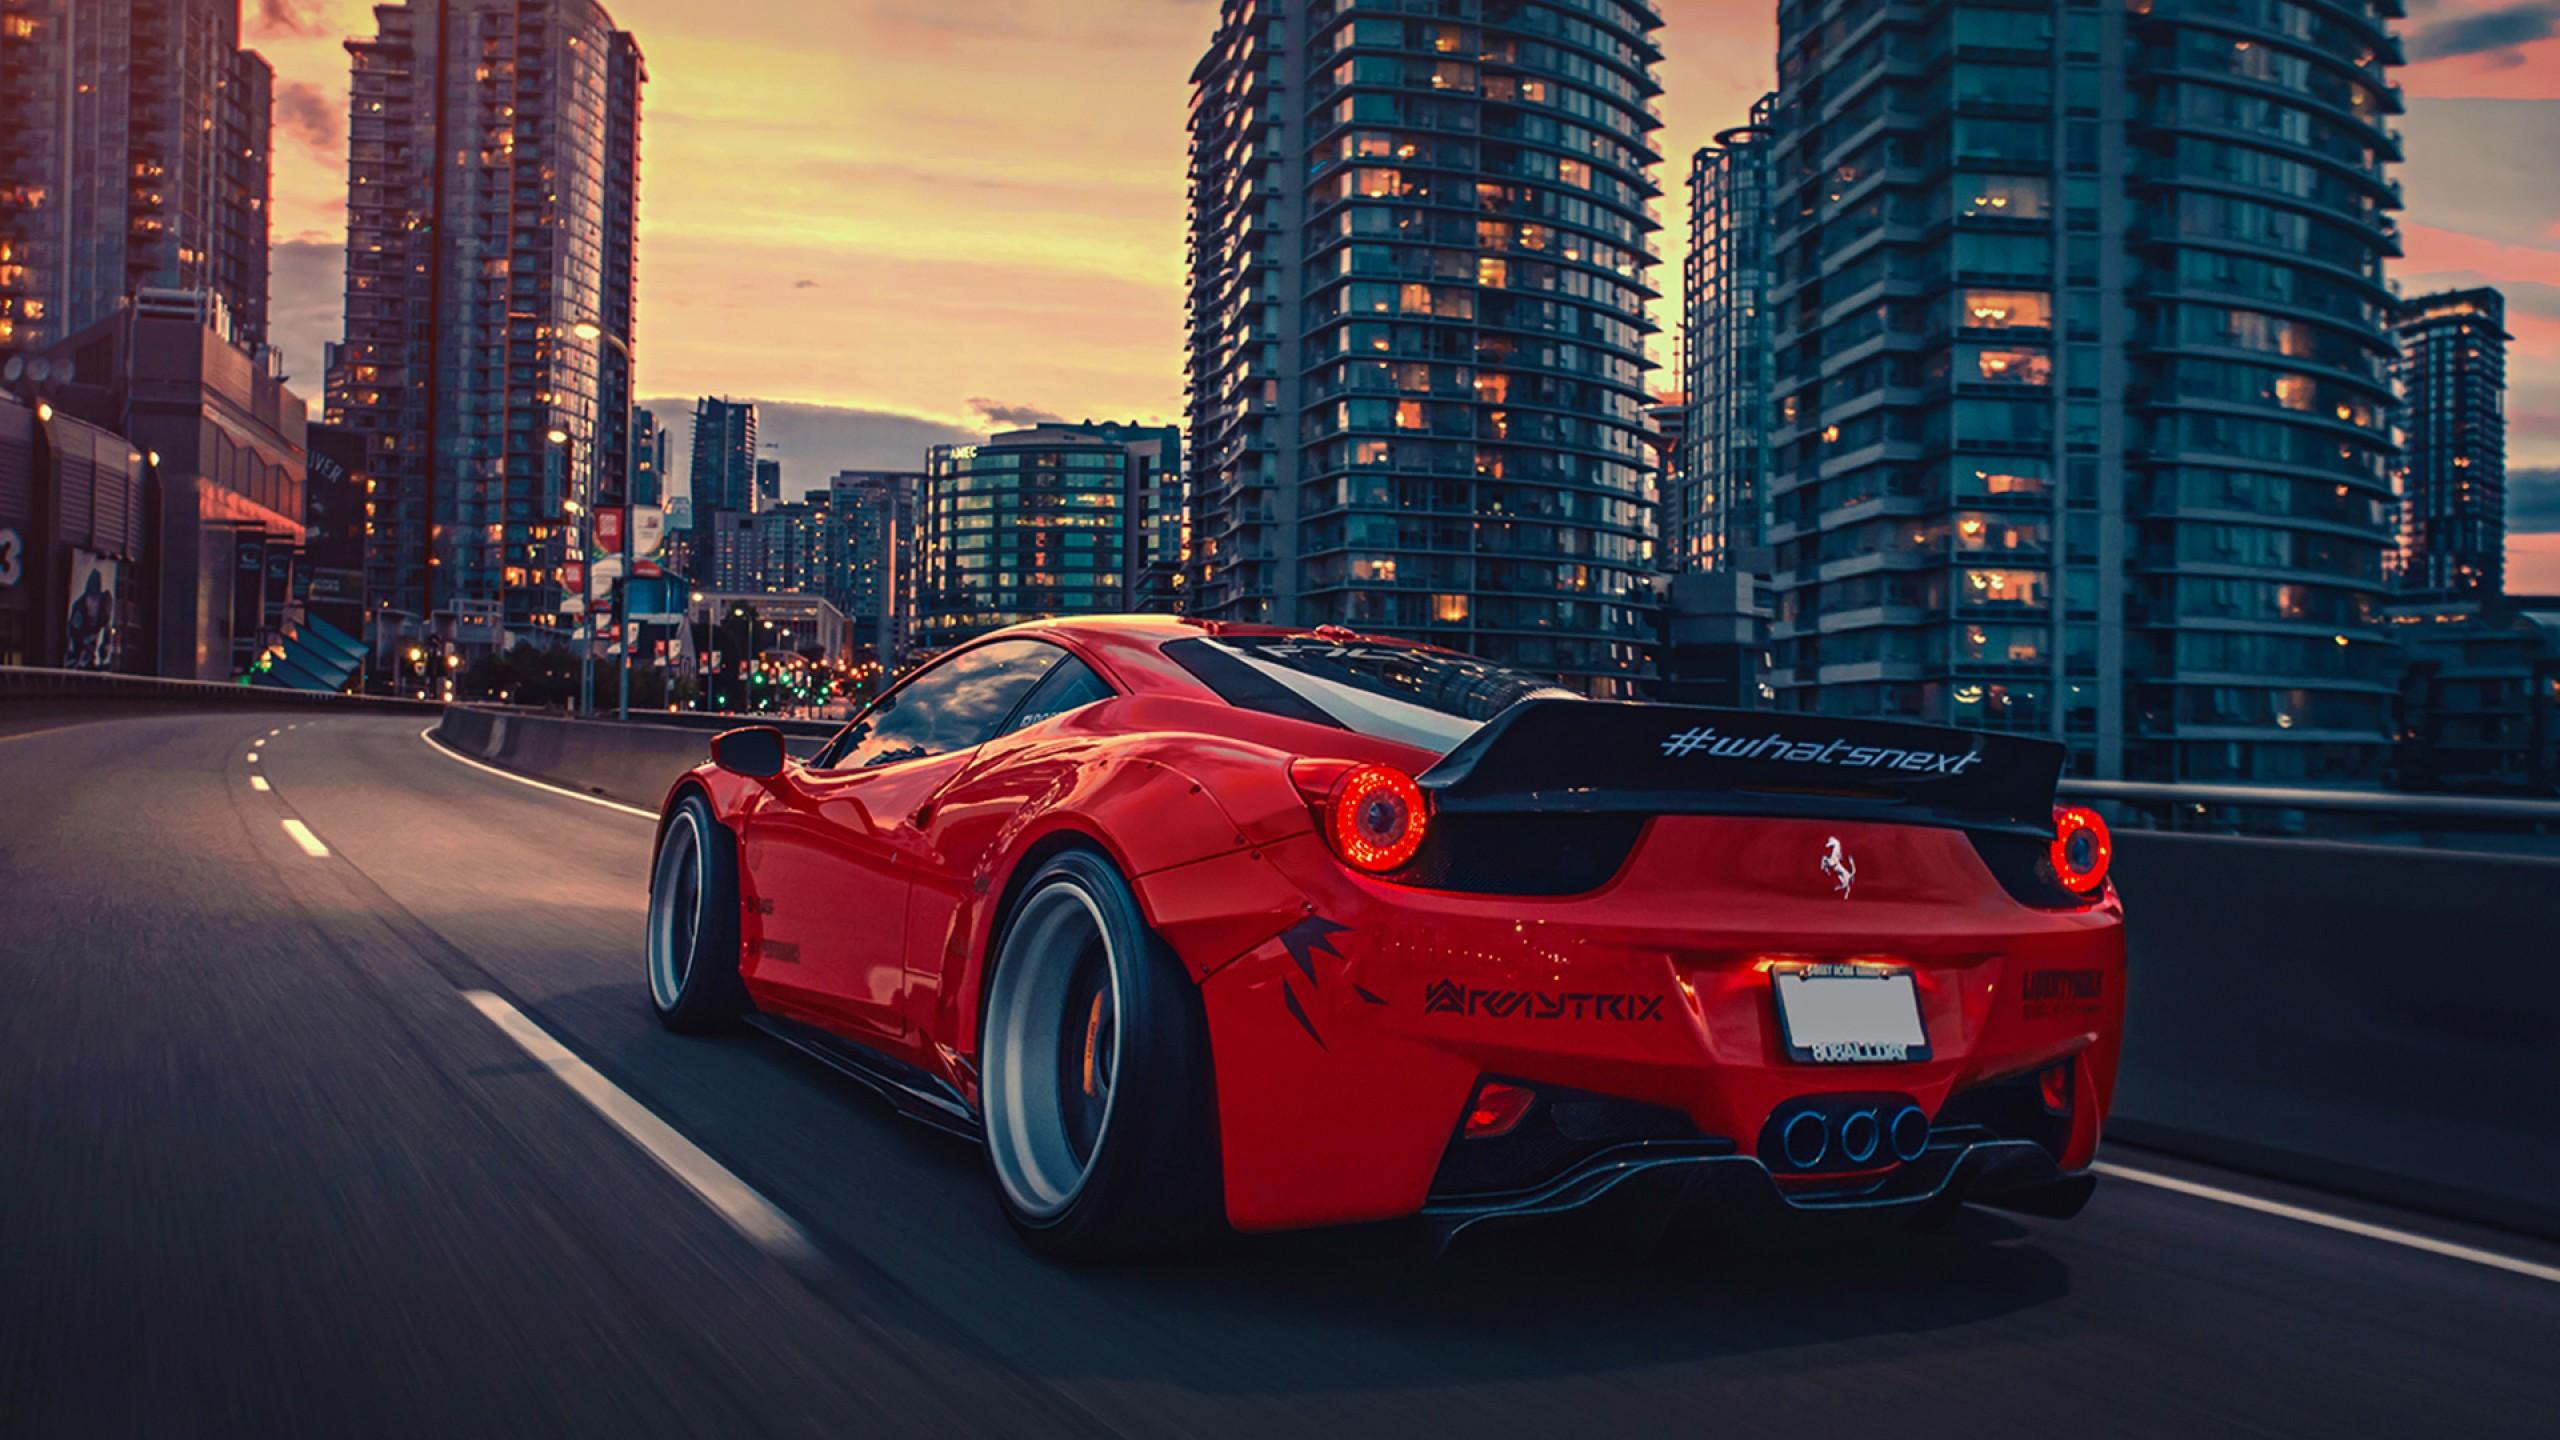 Download Liberty Walk Hd 458 Ferrari Wallpaper For Desktop And